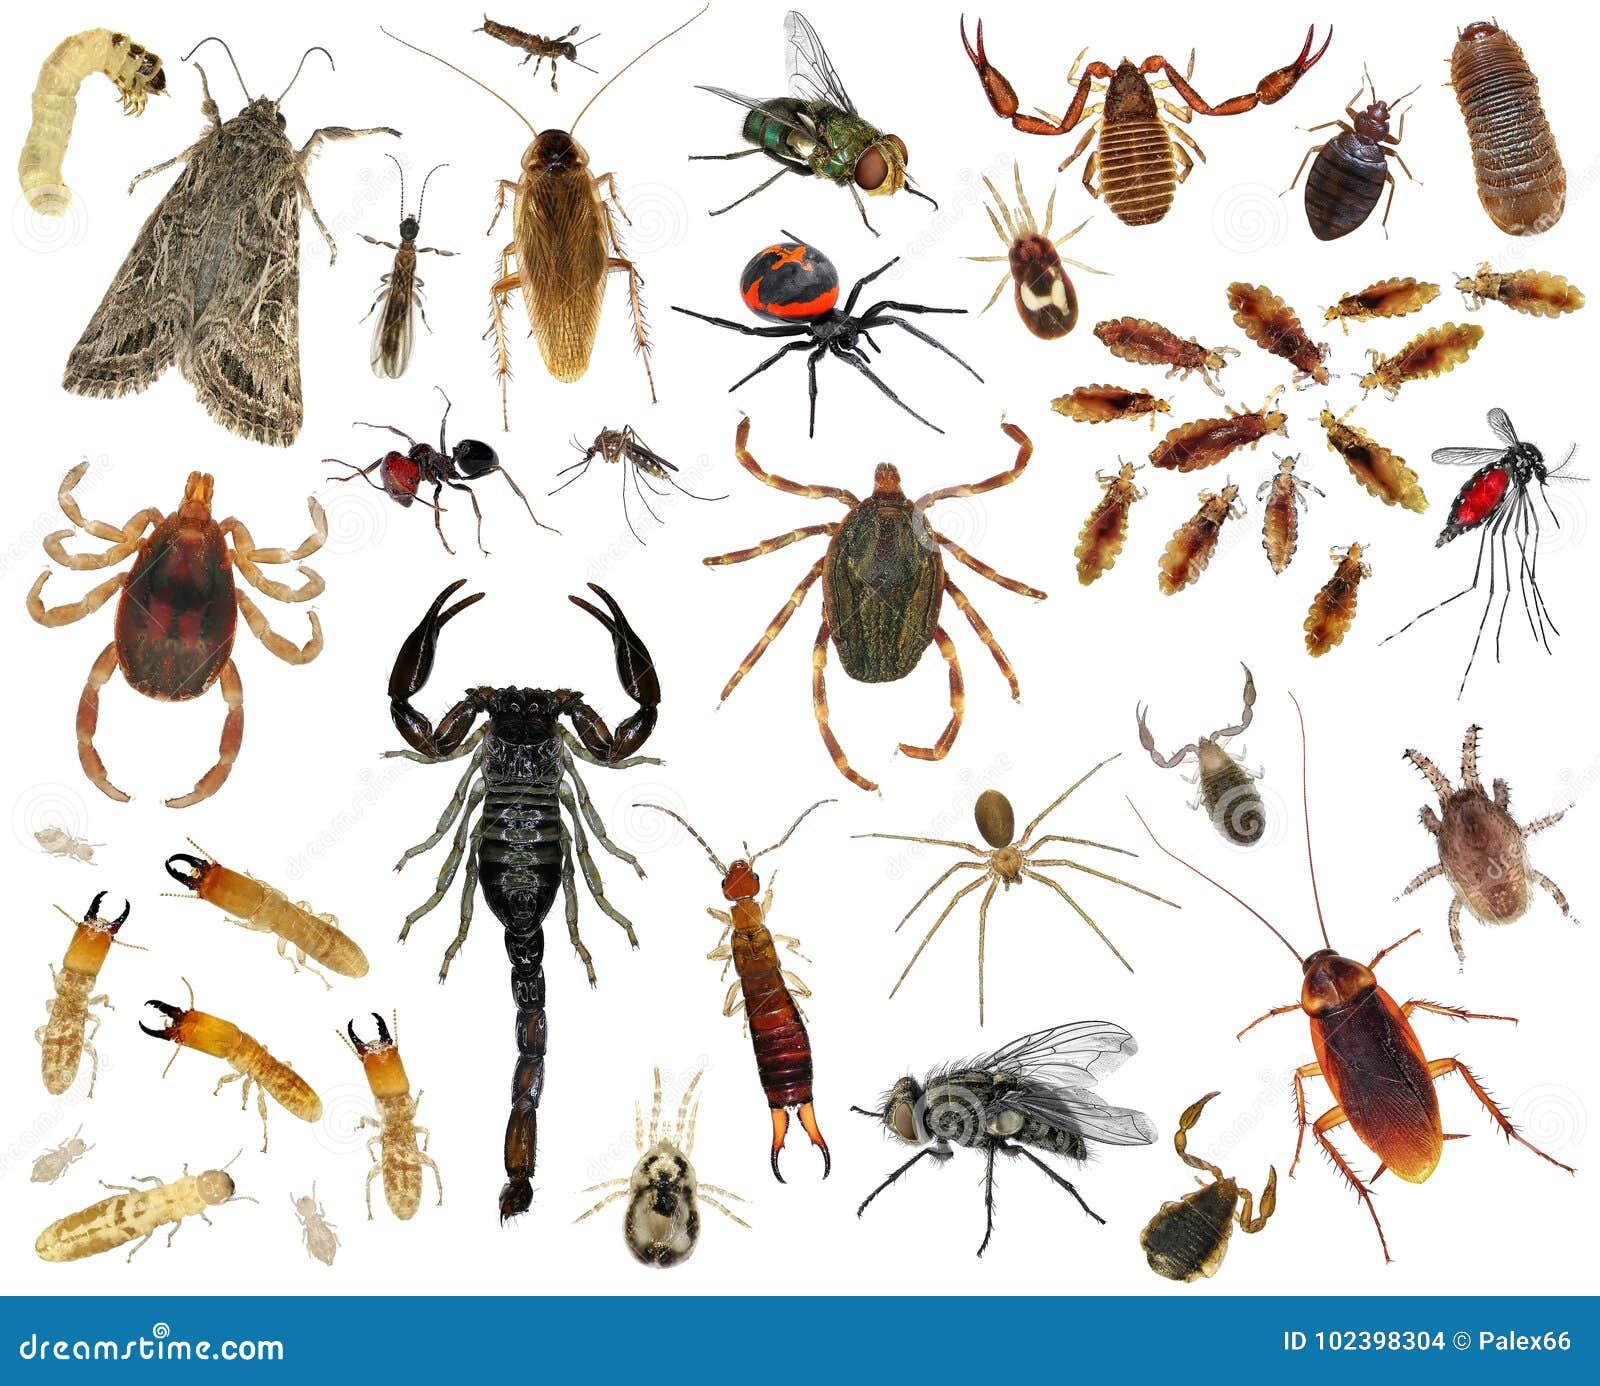 insectos parasitos que son